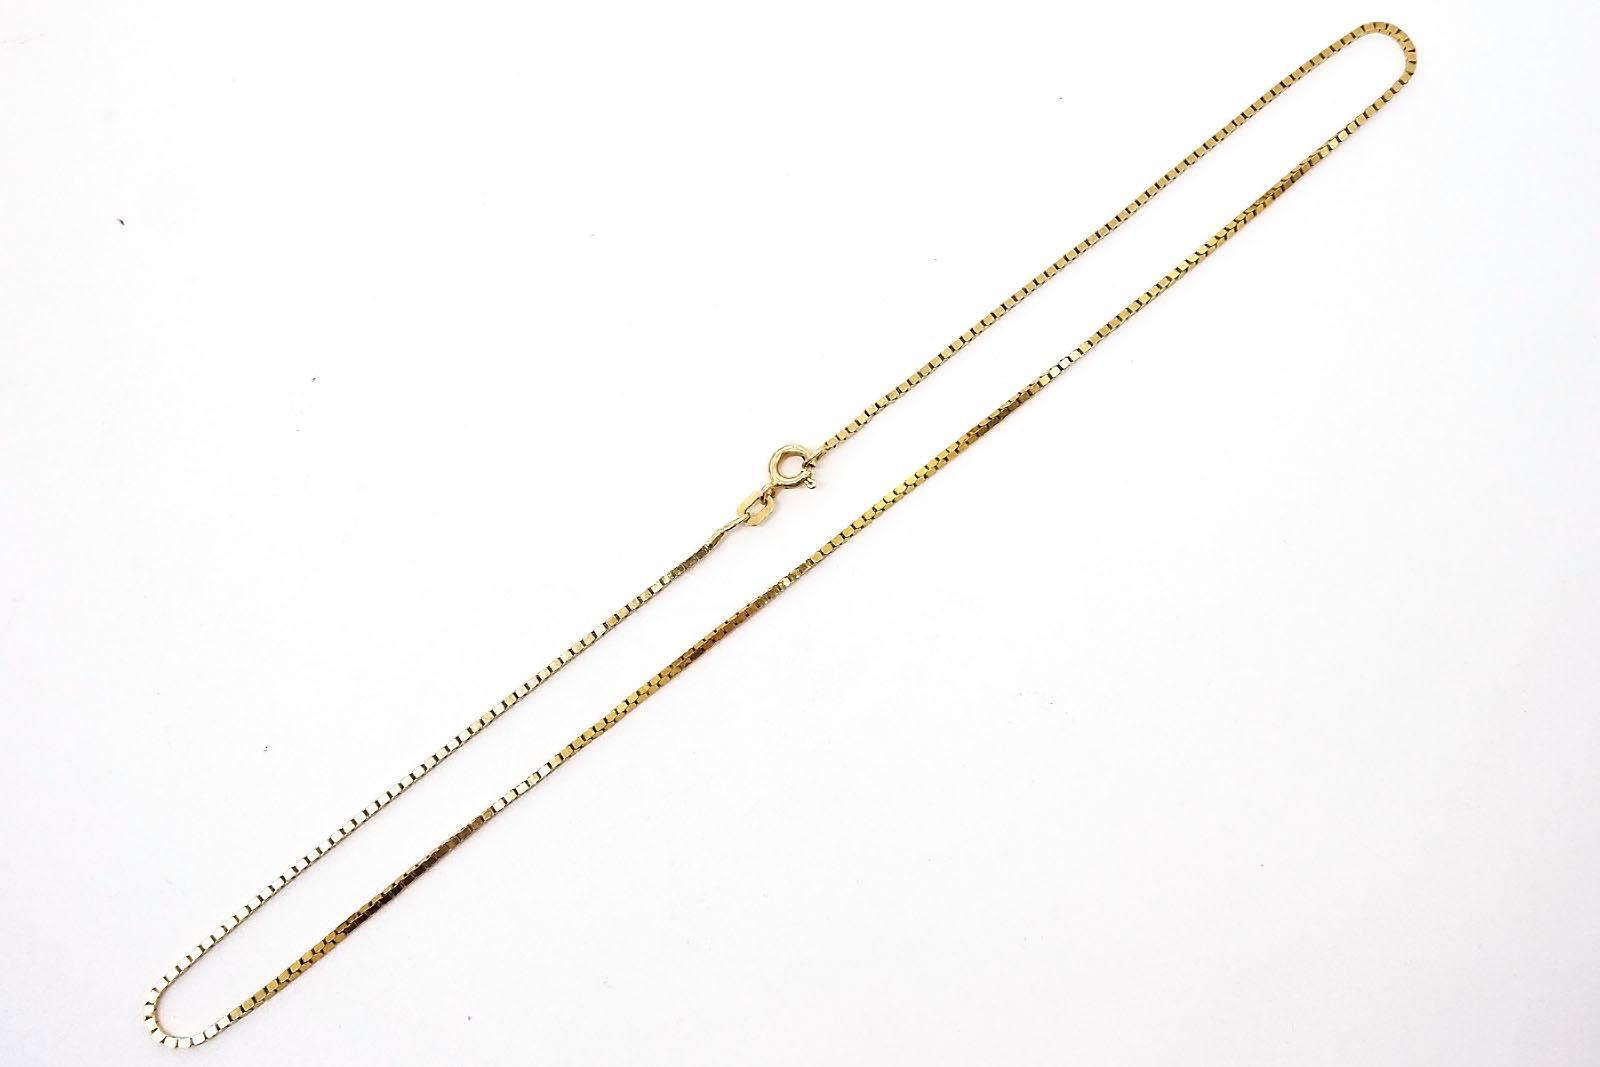 '14ct Yellow Gold Box Chain, 5.1g'